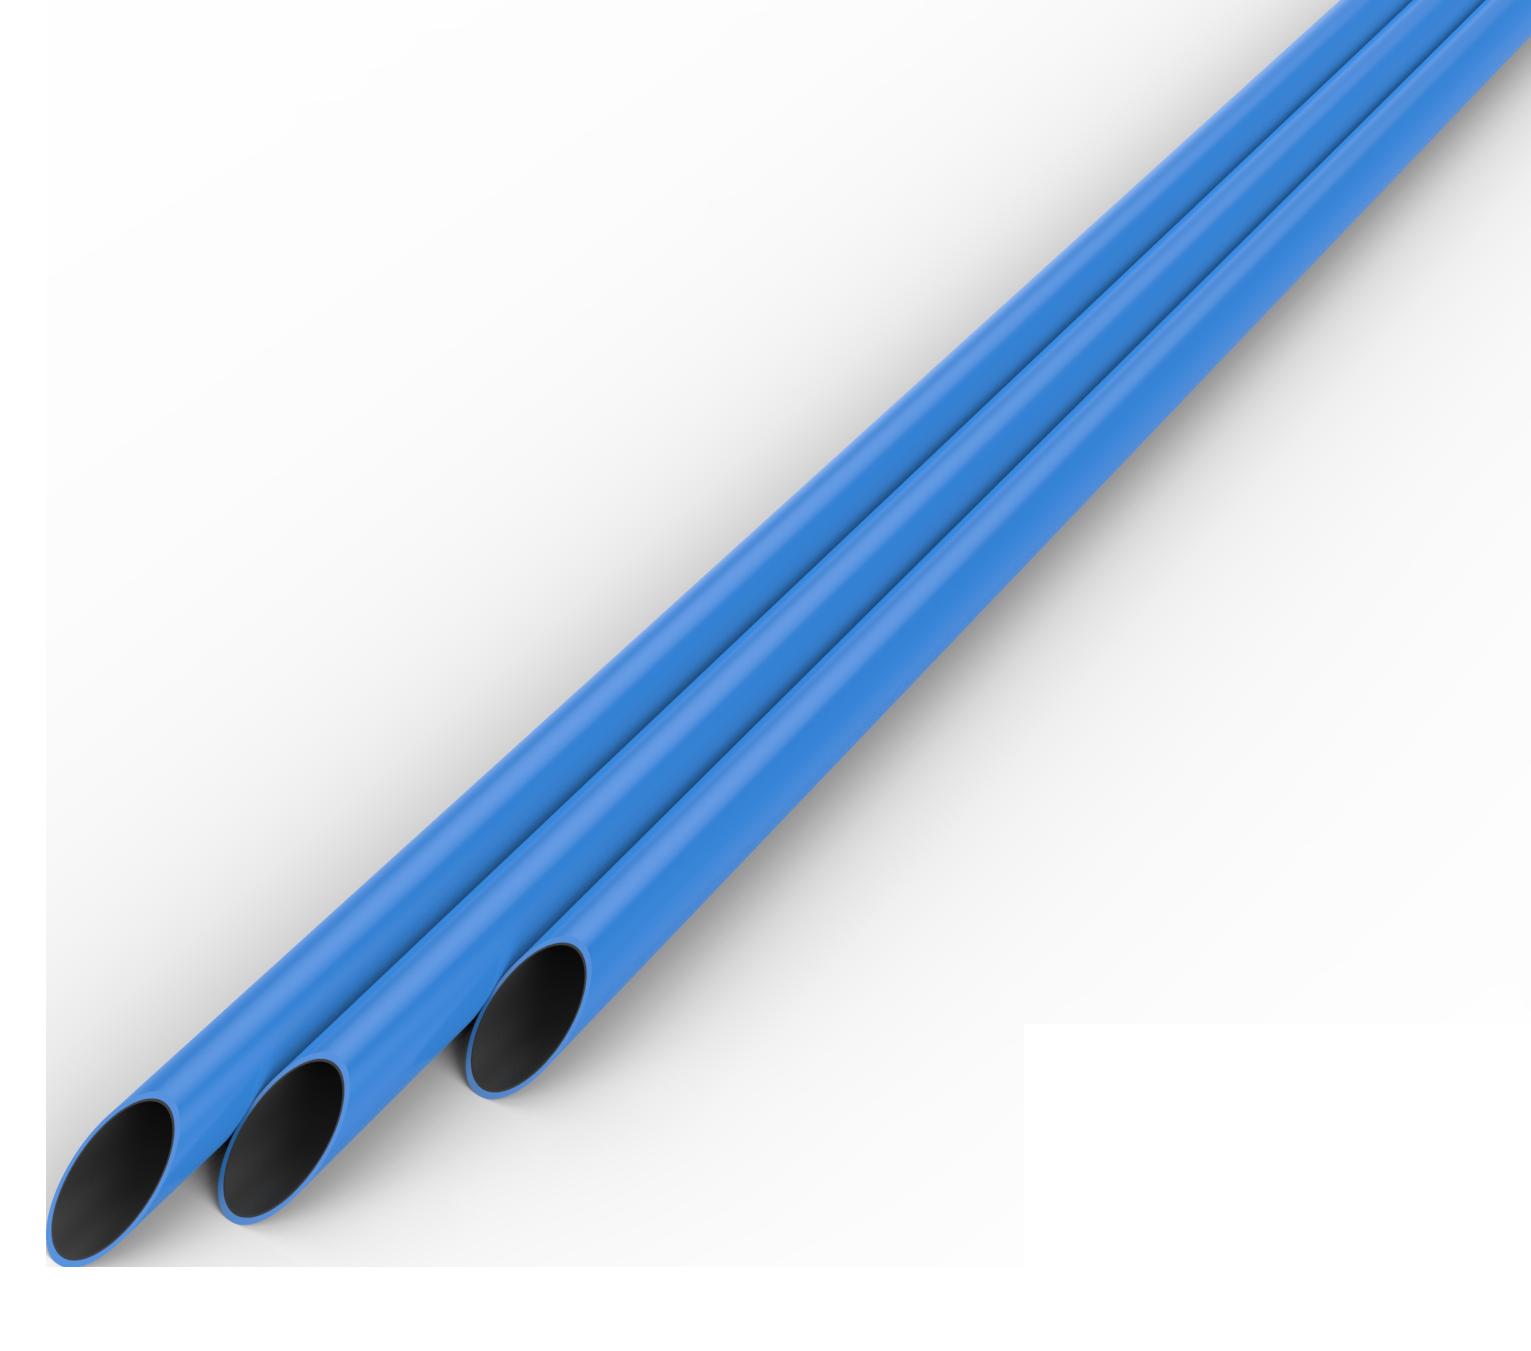 PVC 弱电屏蔽/弱电屏蔽管